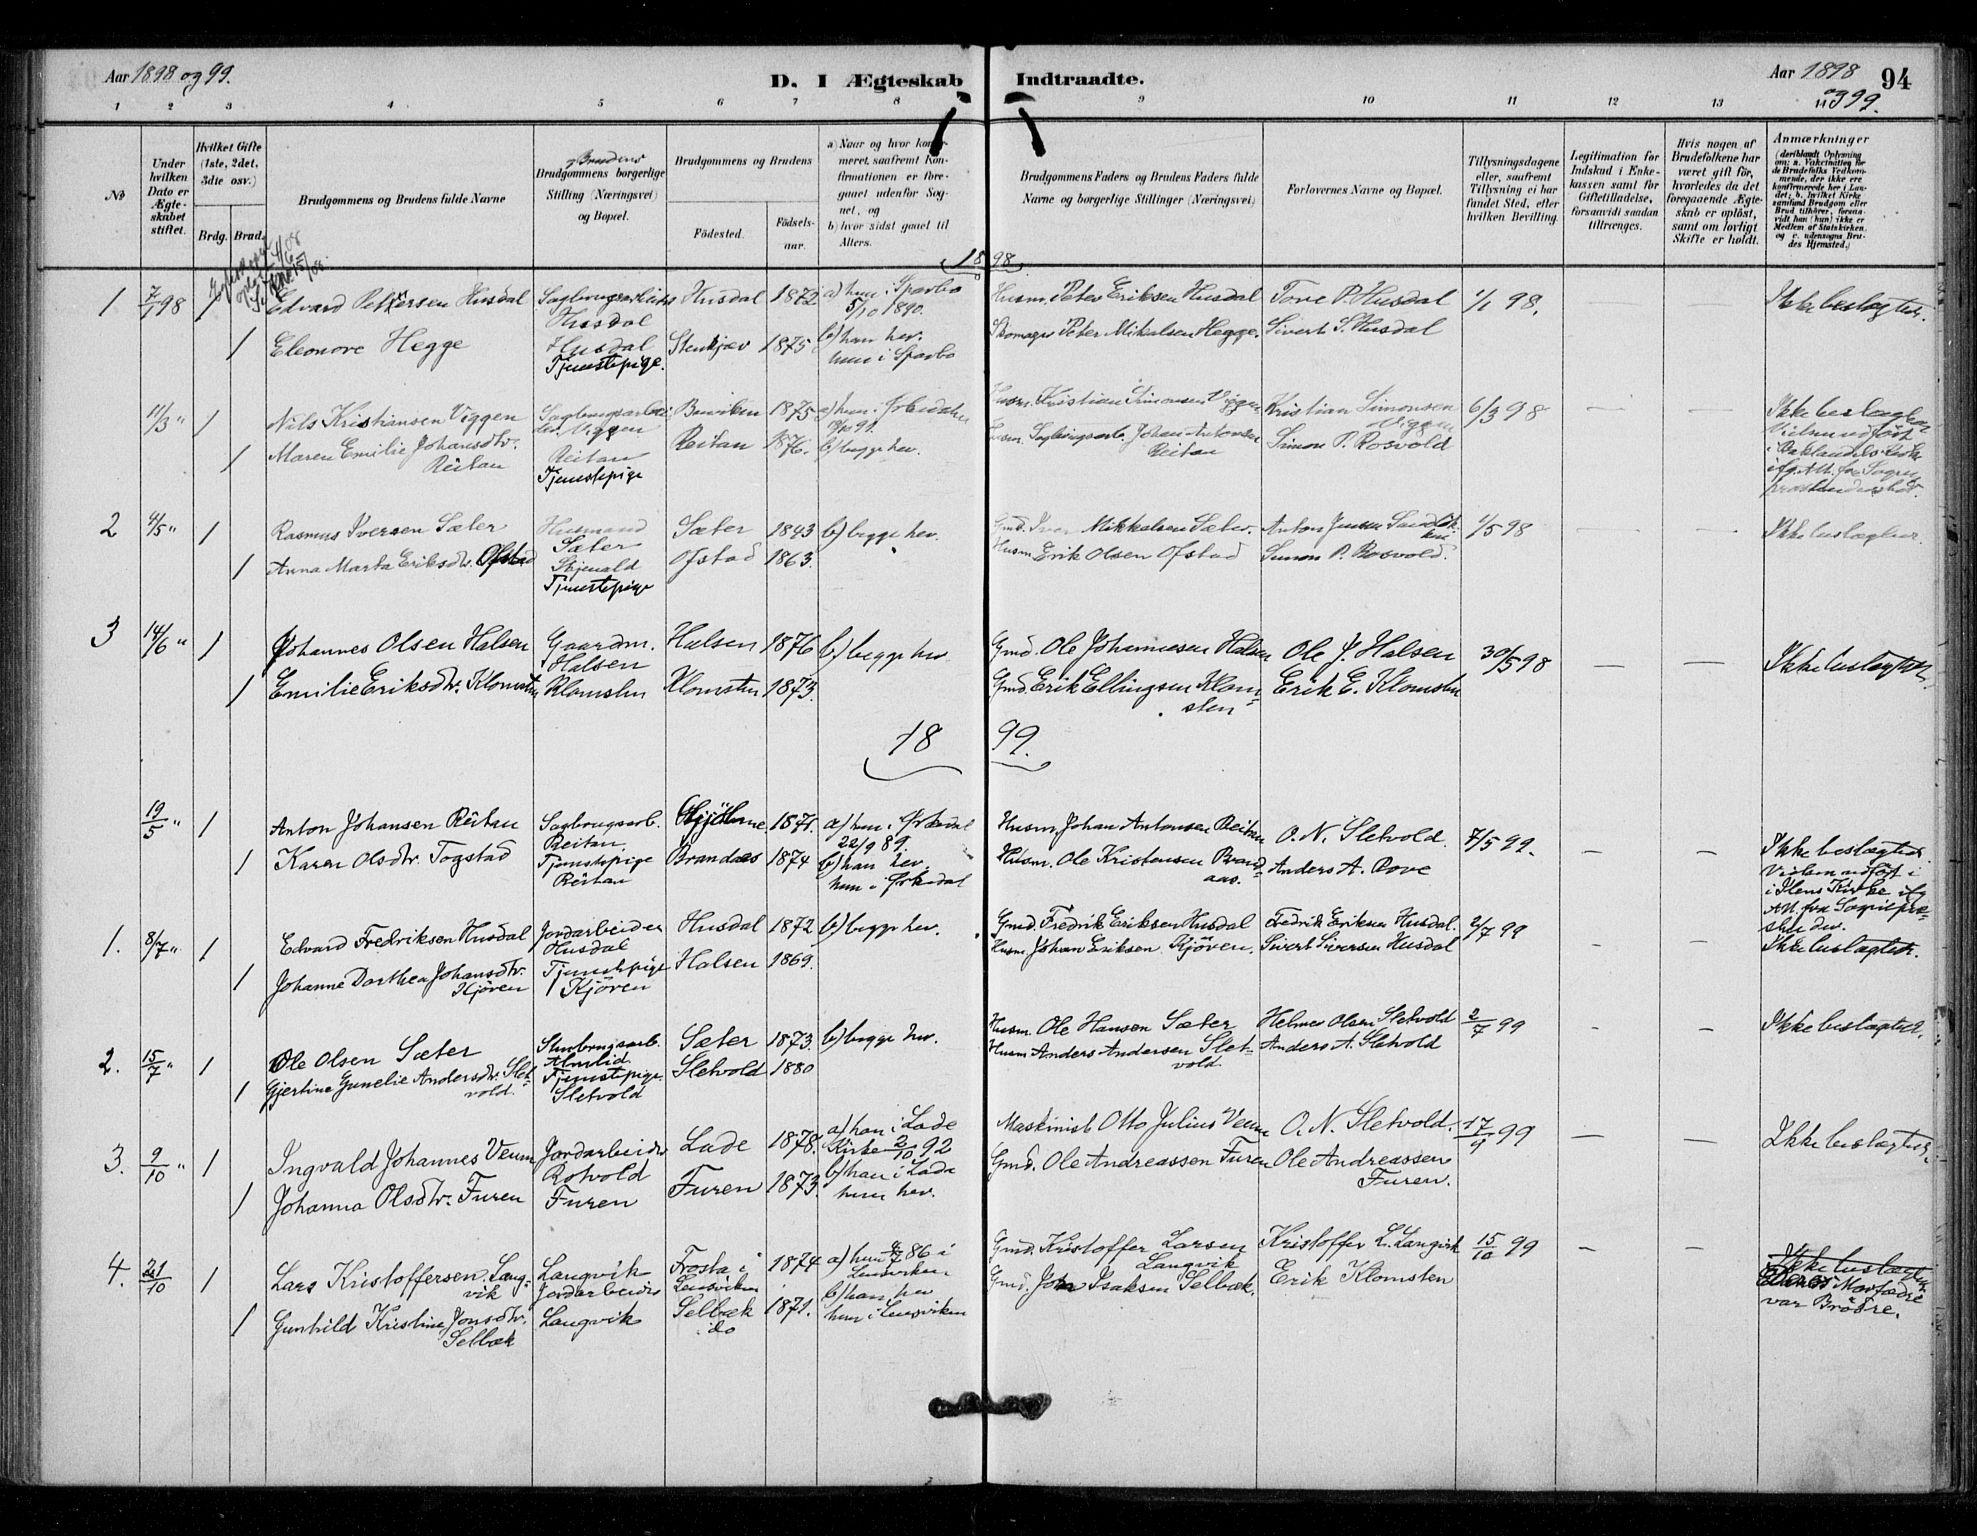 SAT, Ministerialprotokoller, klokkerbøker og fødselsregistre - Sør-Trøndelag, 670/L0836: Ministerialbok nr. 670A01, 1879-1904, s. 94